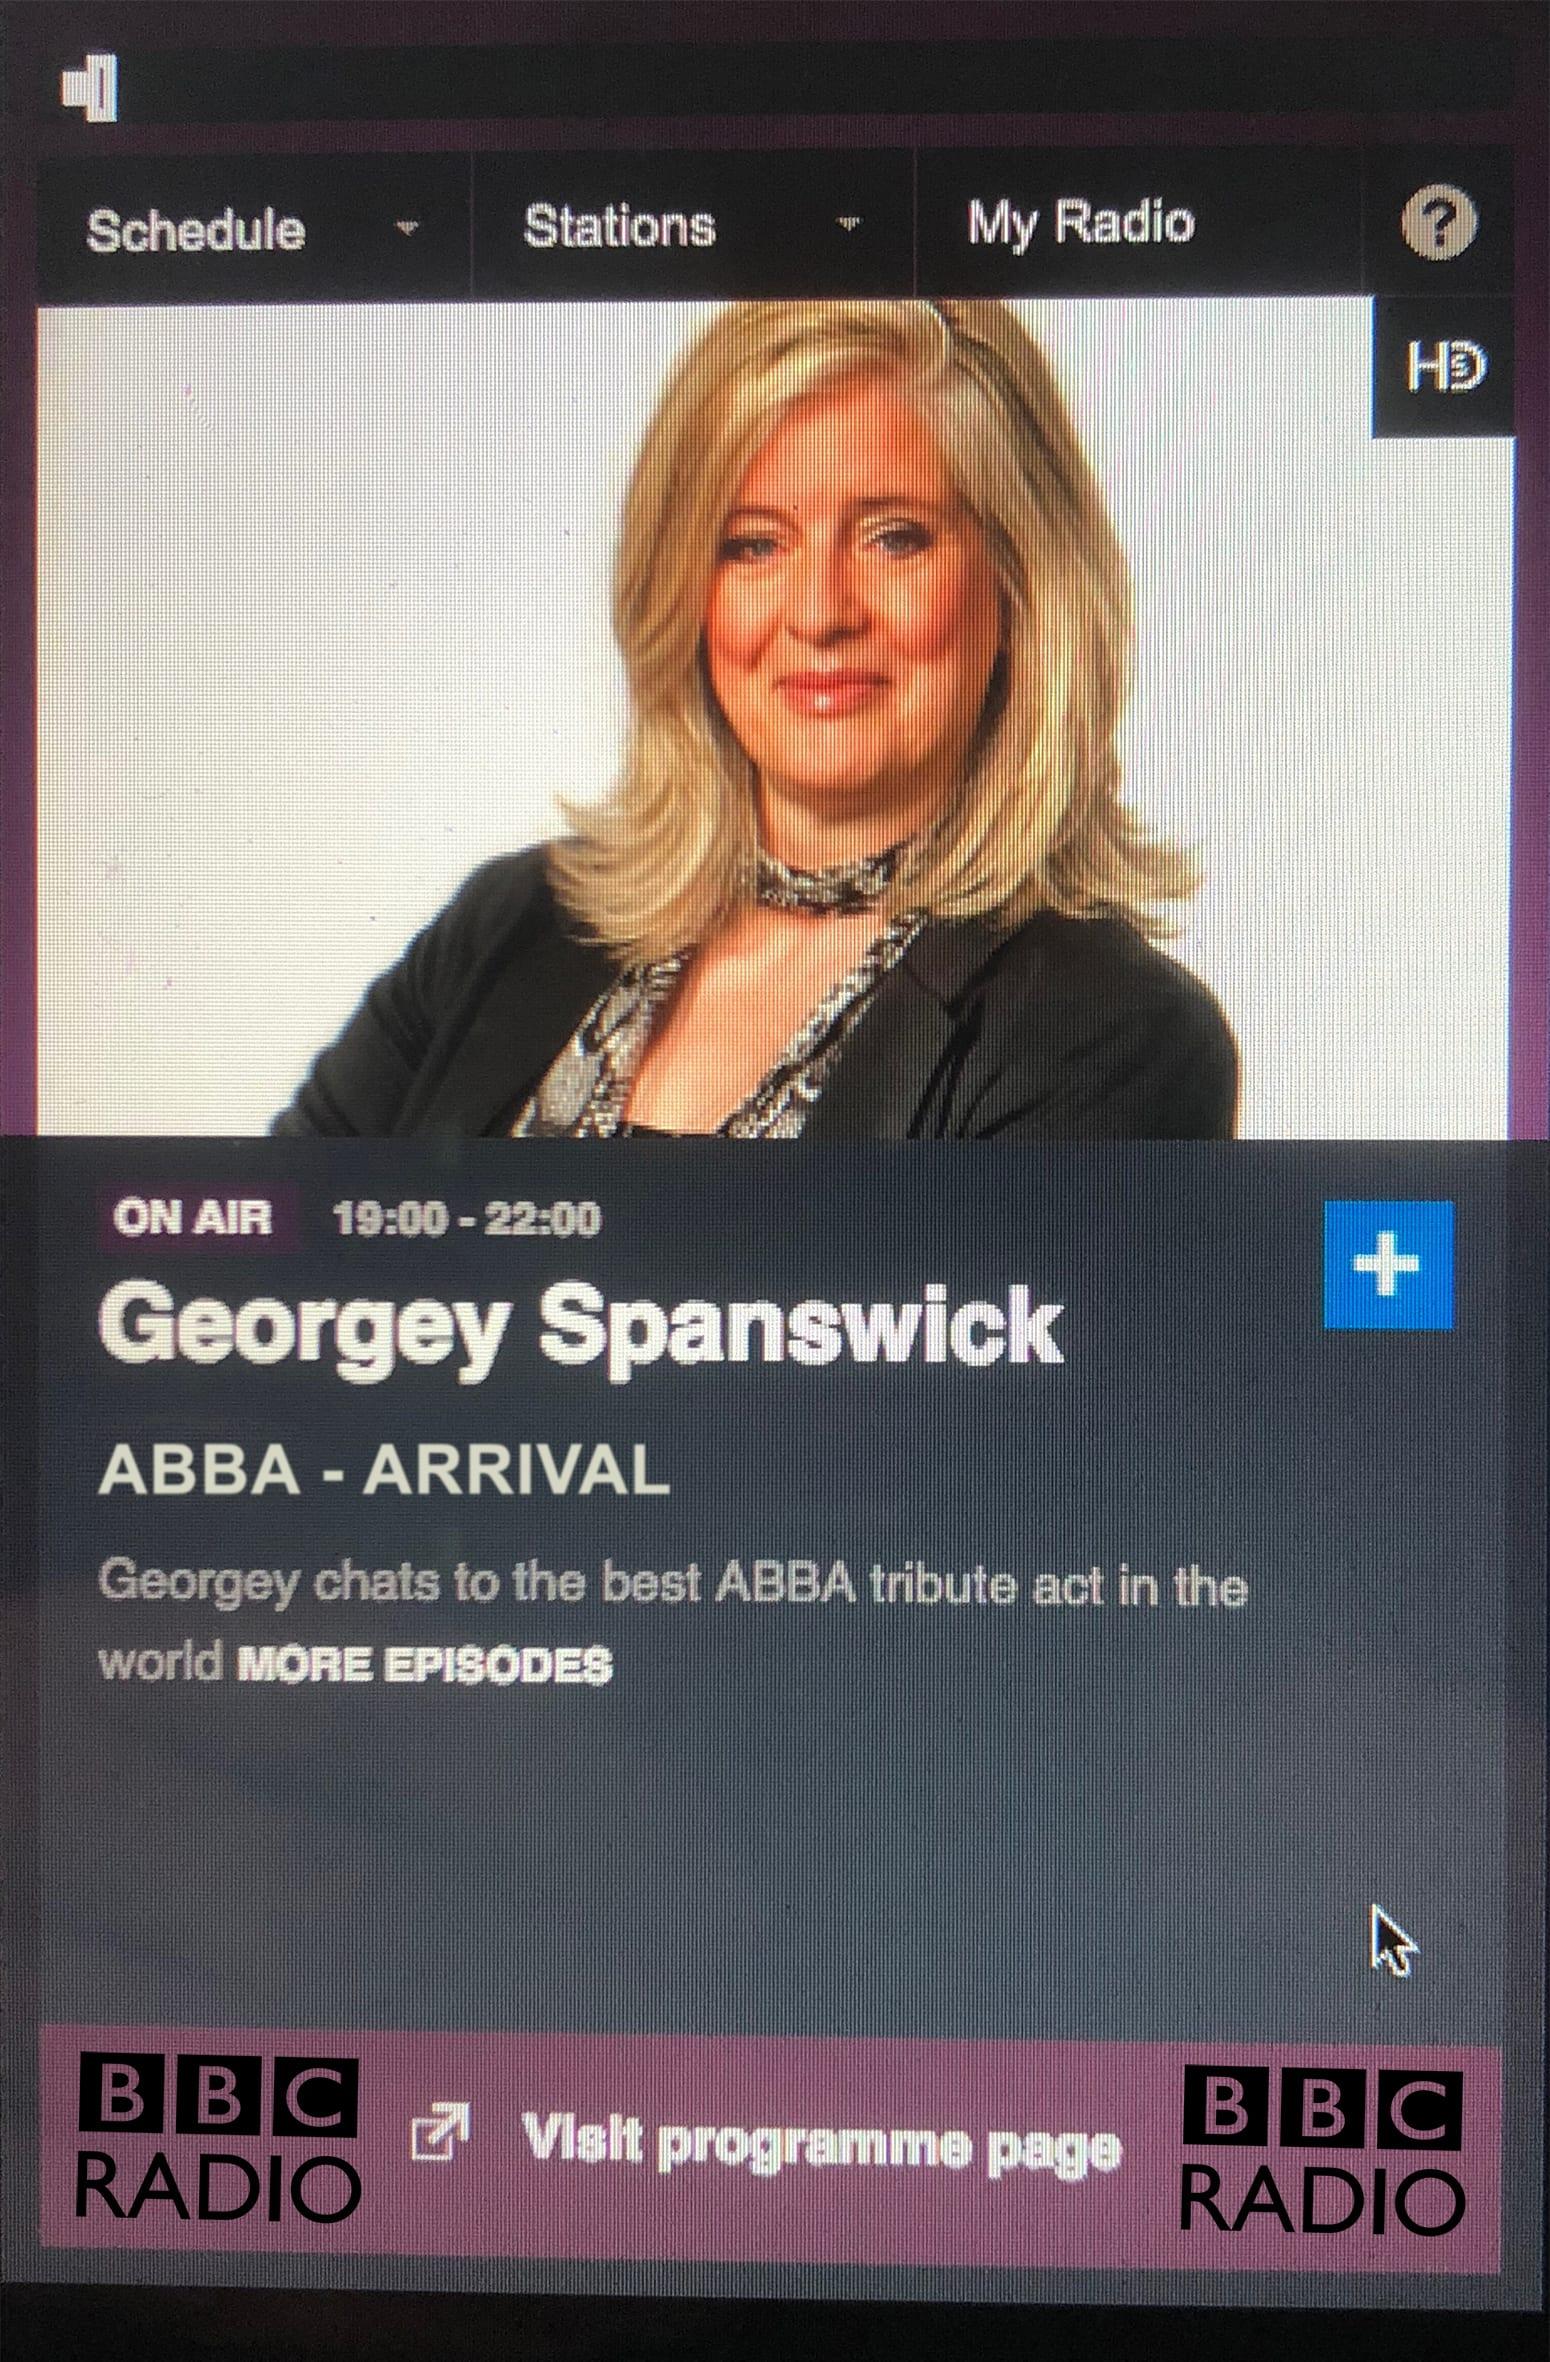 ABBA Arrival BBC Radio 2018